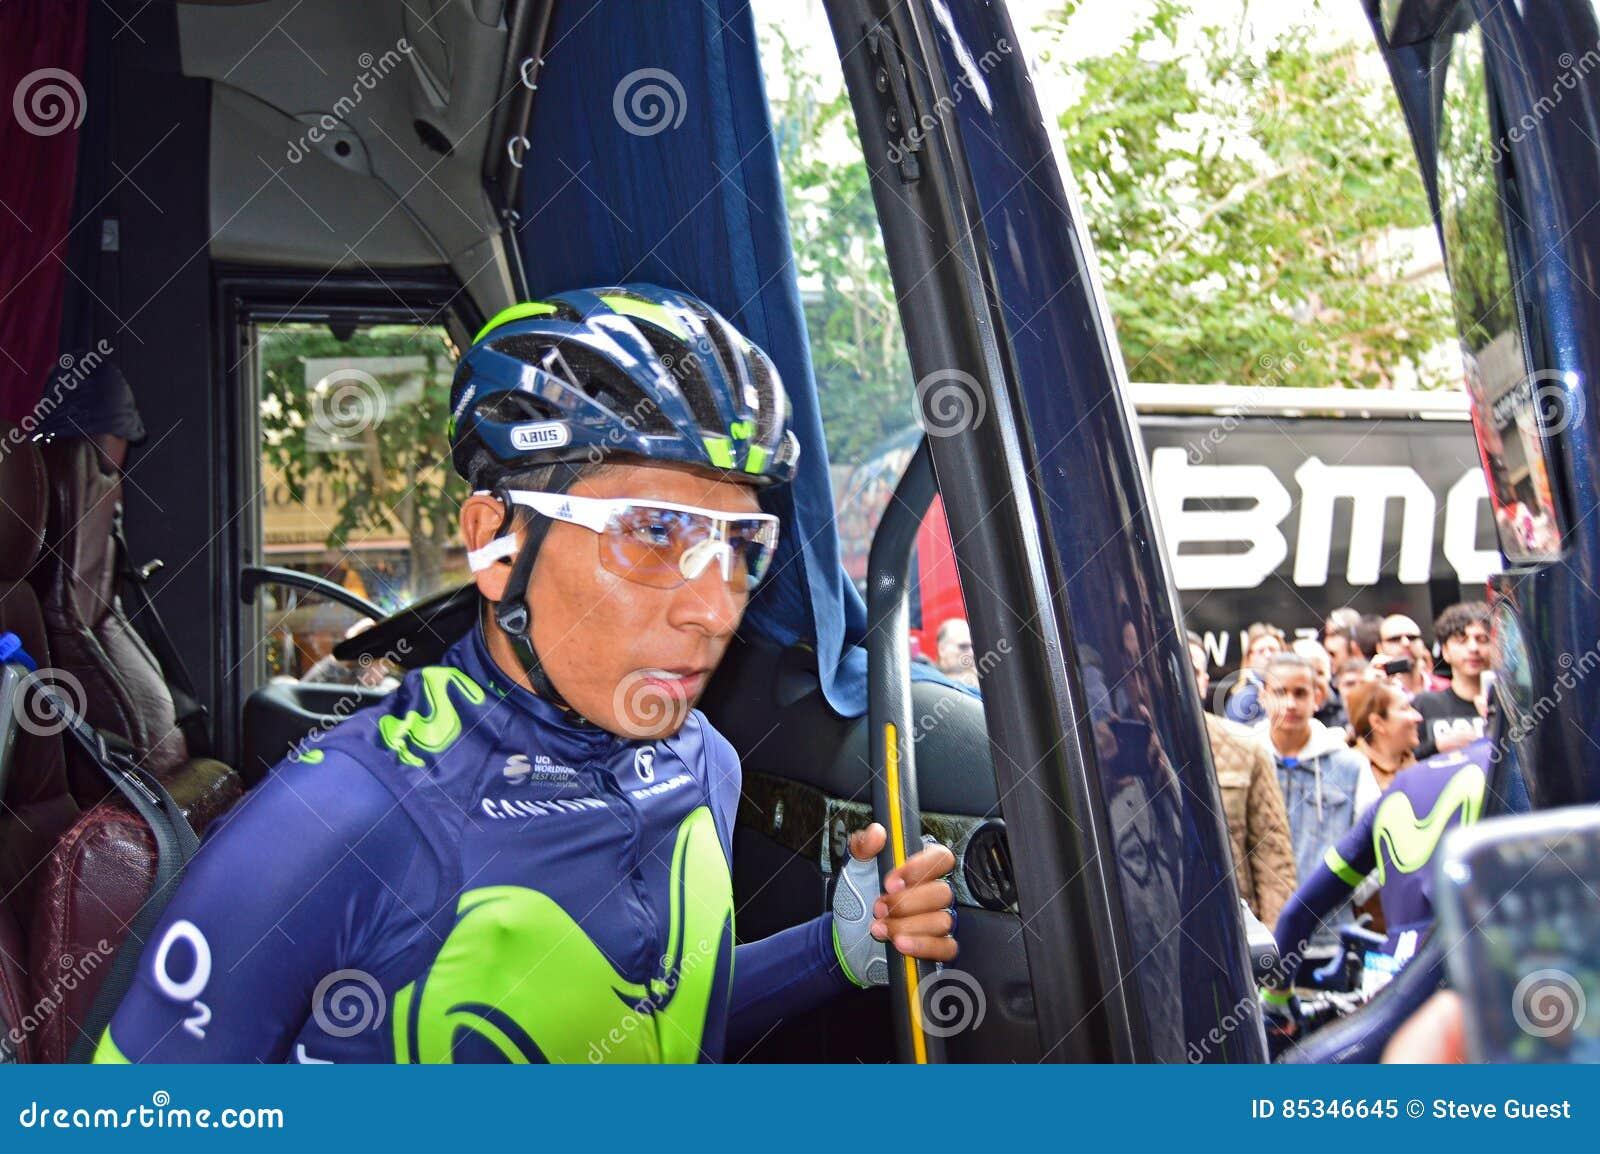 Nairo Quintana Team Movistar